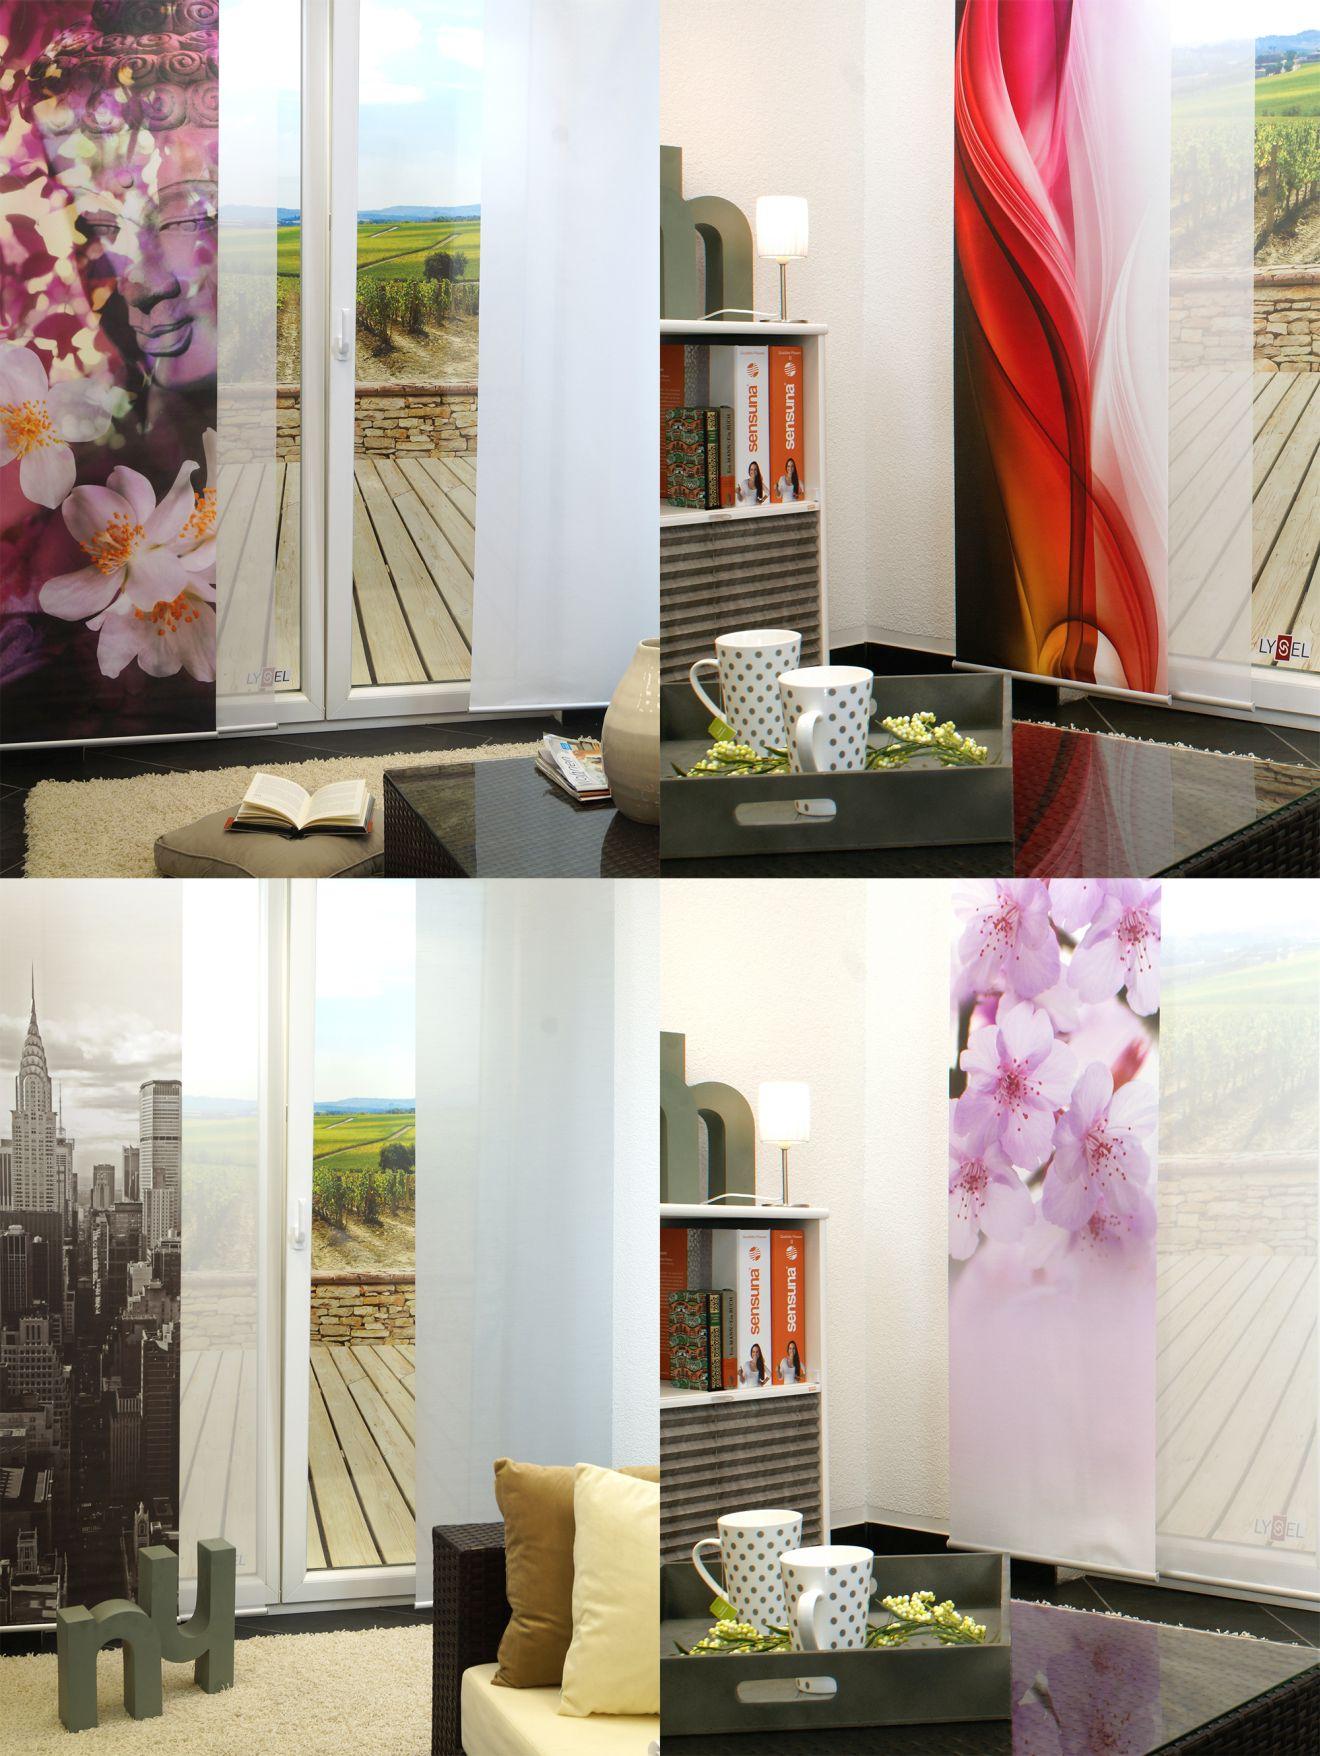 New-York-News.de - New York Infos & New York Tipps | Lysel Flächenvorhänge - eine Auswahl verschoiedenster Stile